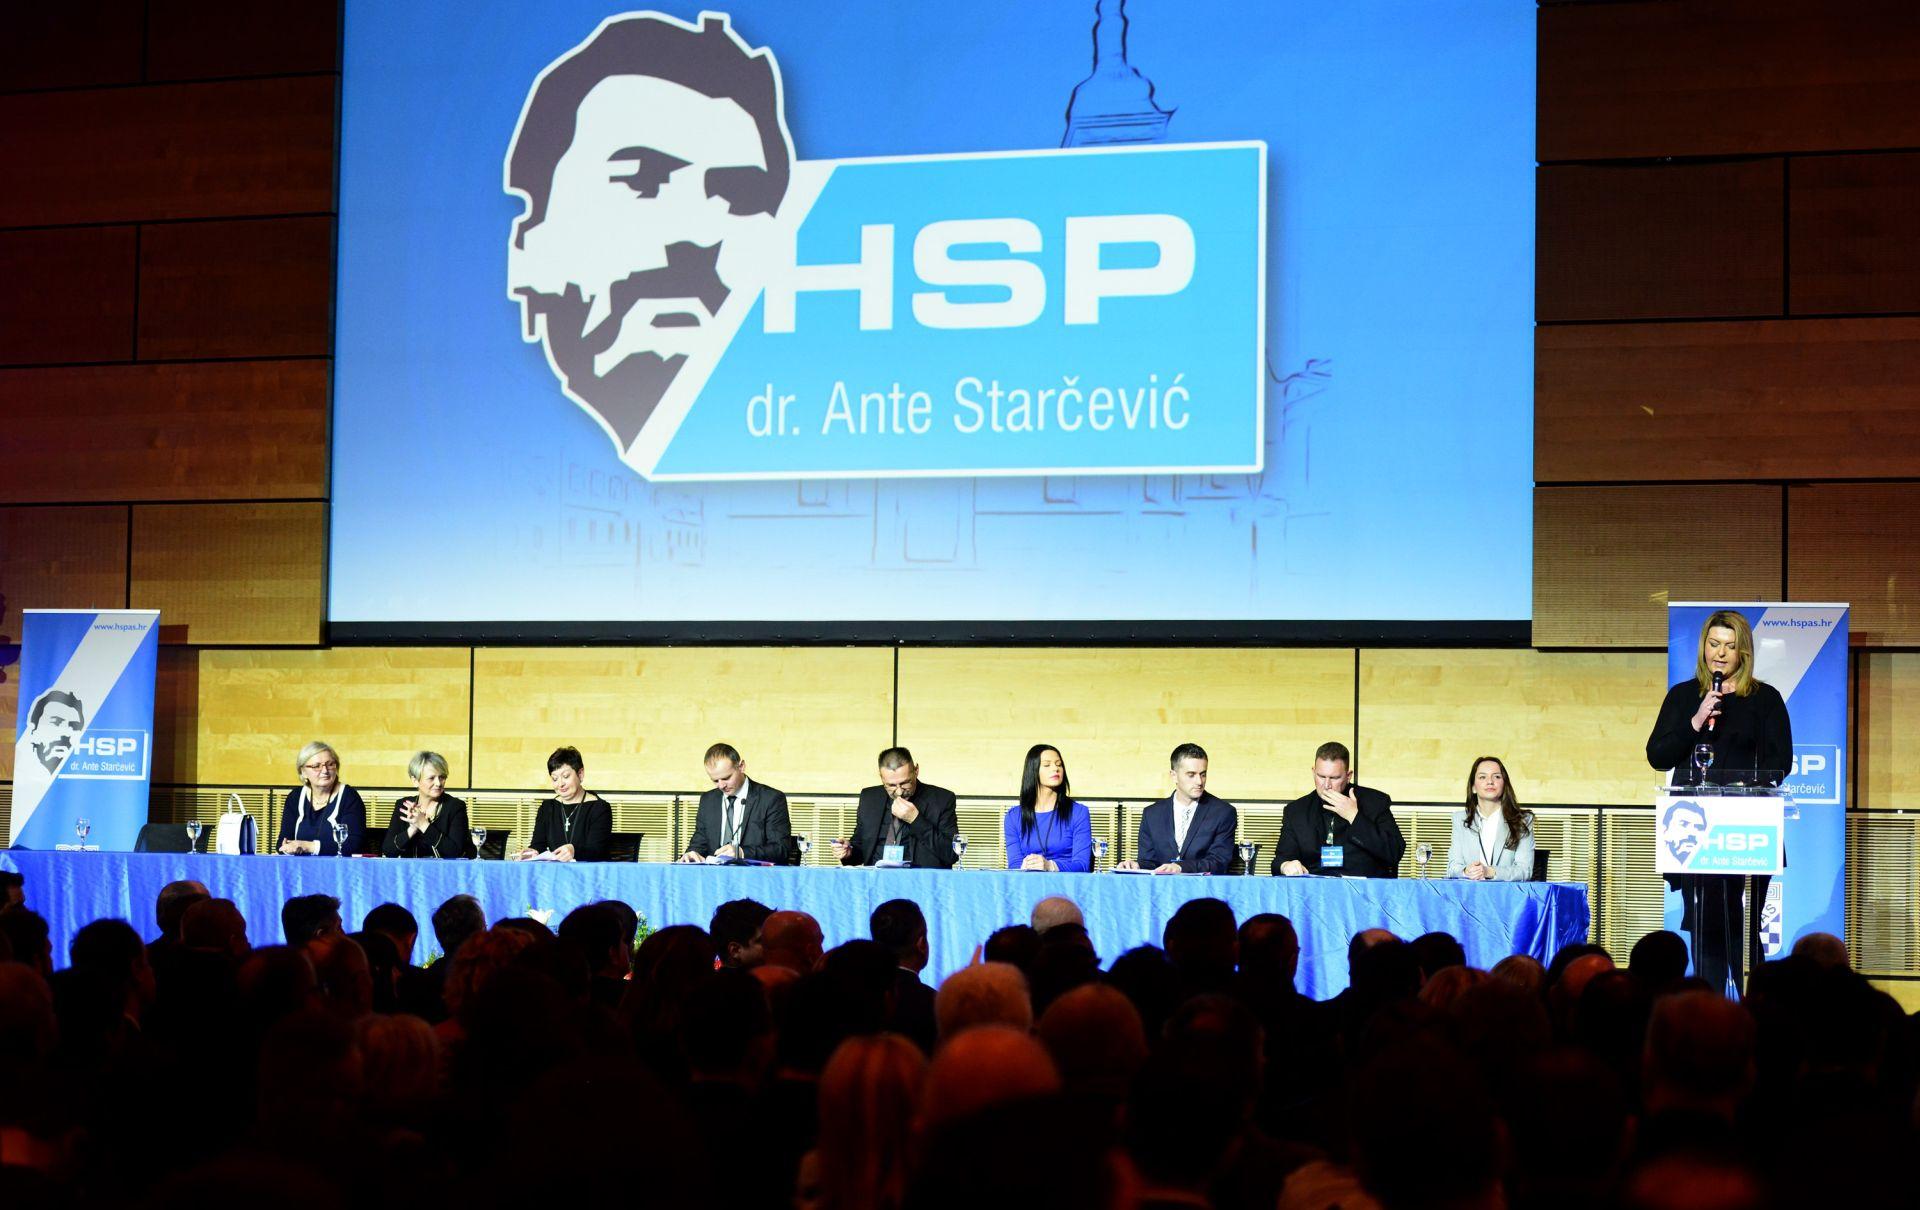 SUTRA URUČENJE ISKAZNICA: Dio članova HSP AS prelazi u HDZ